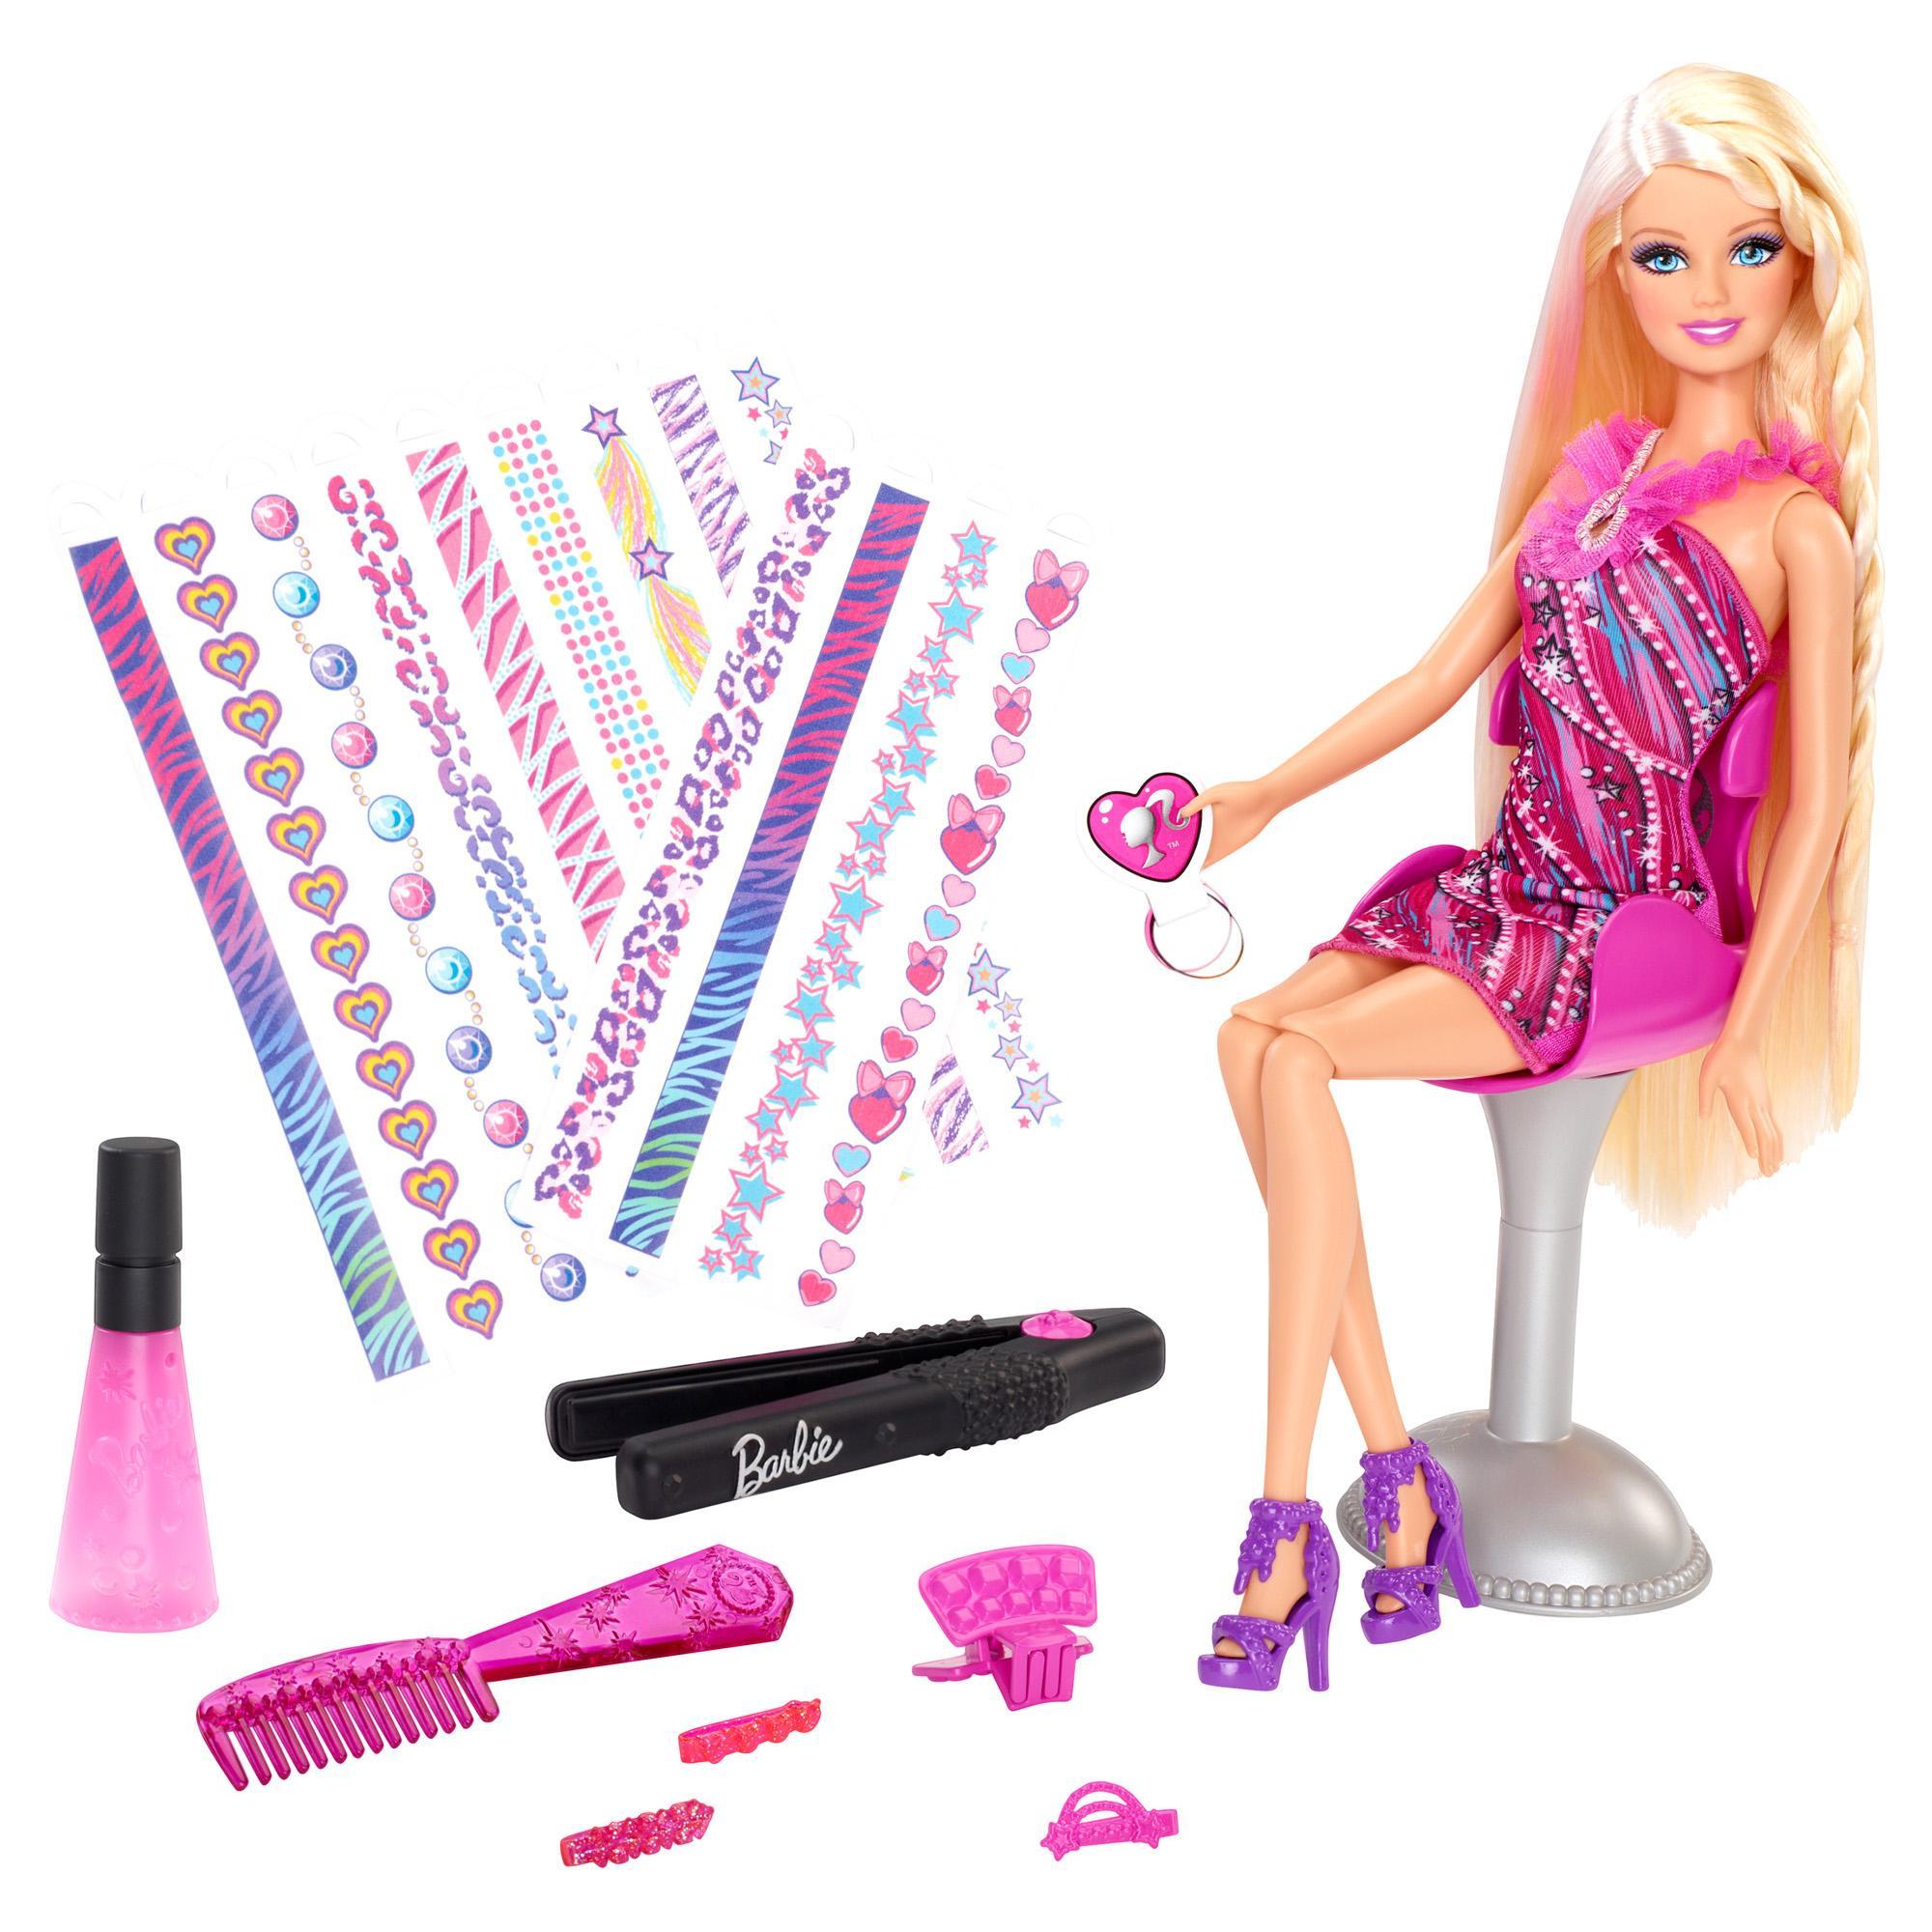 Cartoon Bilder und Fotos Galerie- Barbie bild, Barbie foto